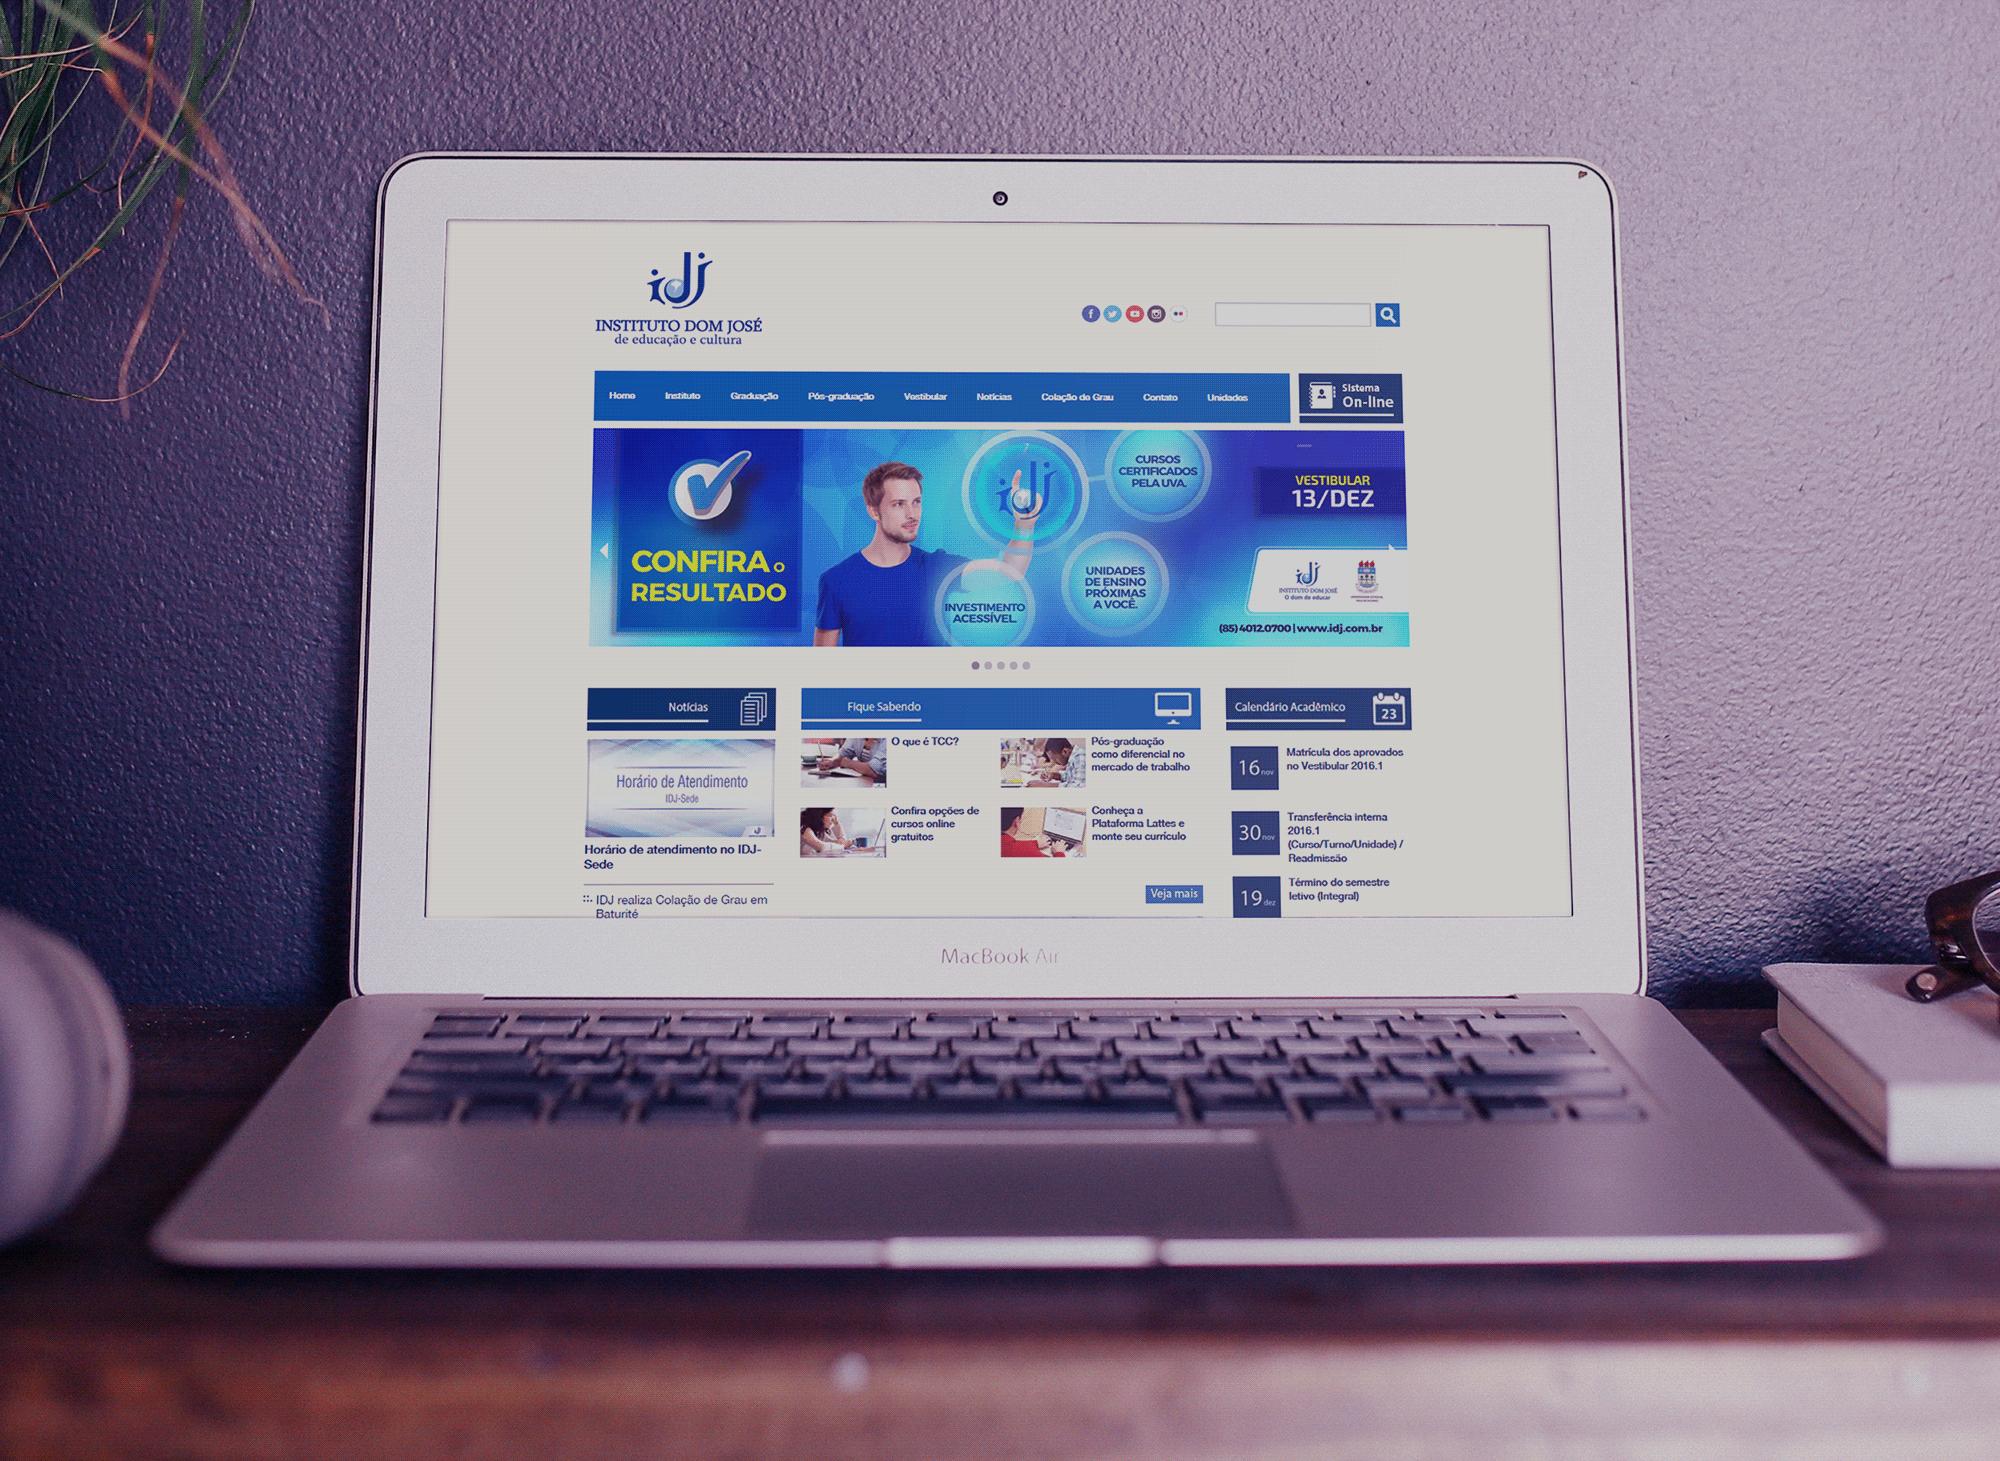 site-instituto-educacao-portal-idj-portfolio-criacao-sites-agencia-diretriz-digital-marketing